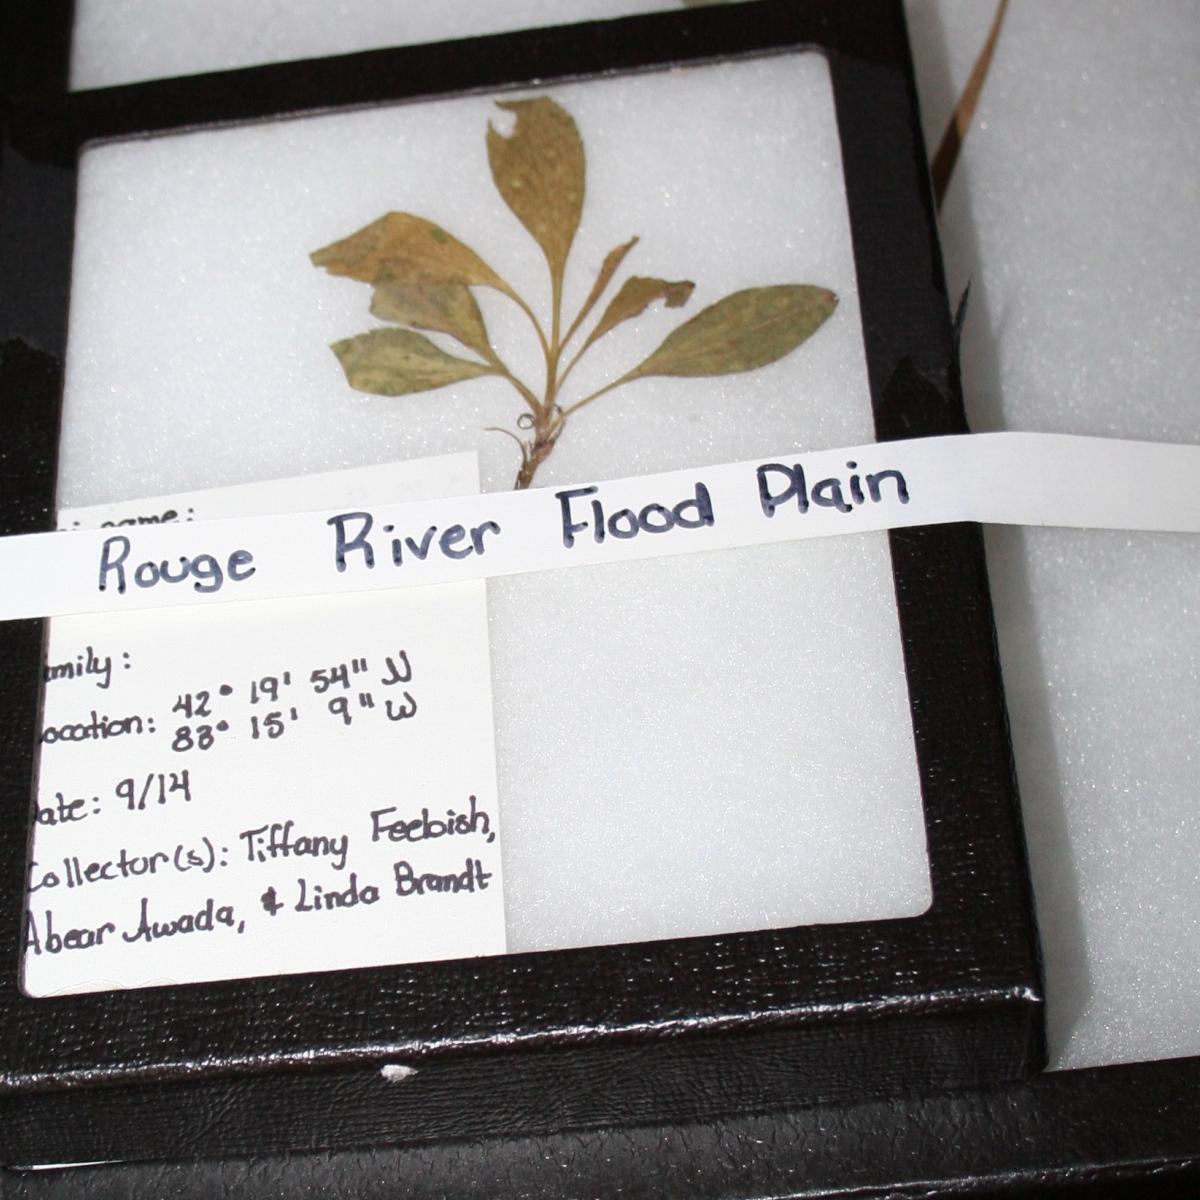 Photo of pressed leaf inside rectangular black framed plant specimen display case with tape identifying Rouge River Basin.